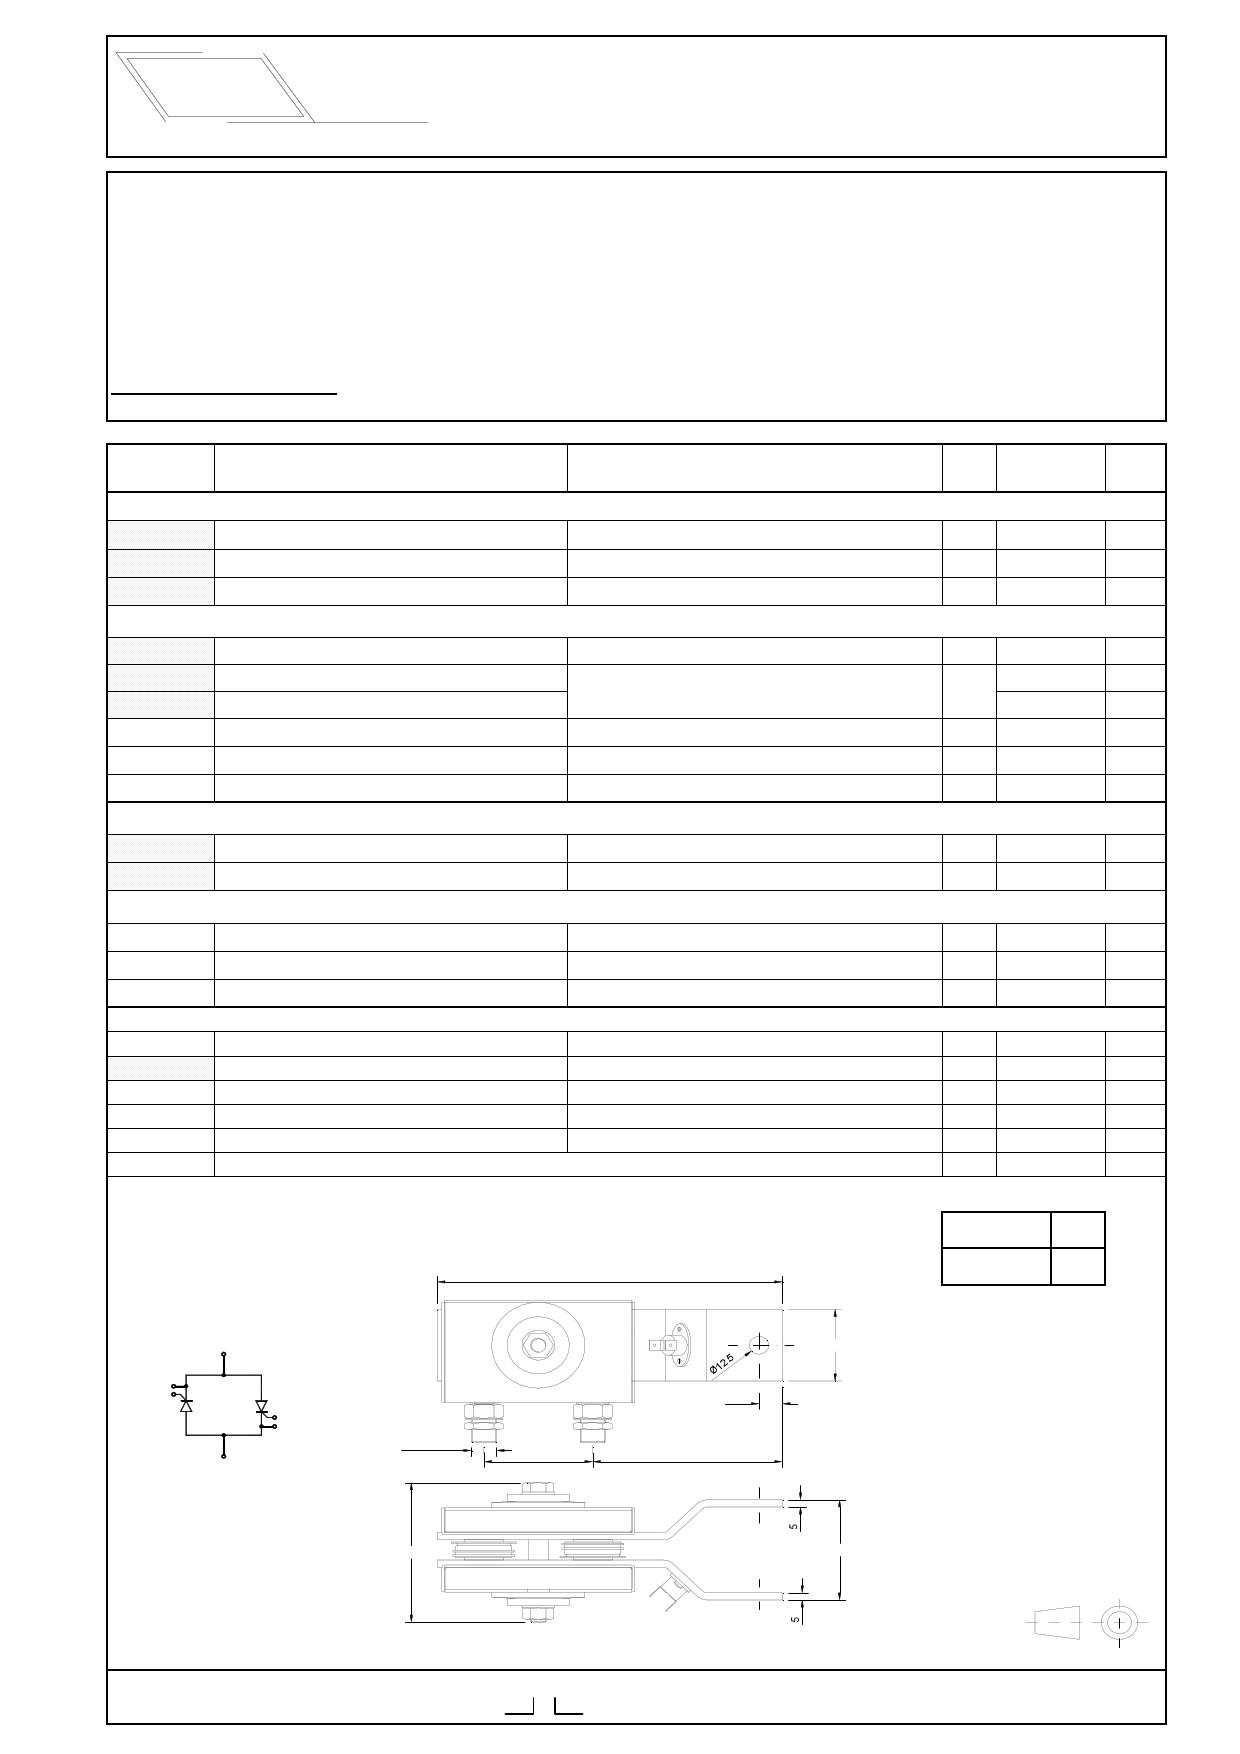 2-2WI-1000S16 Даташит, Описание, Даташиты